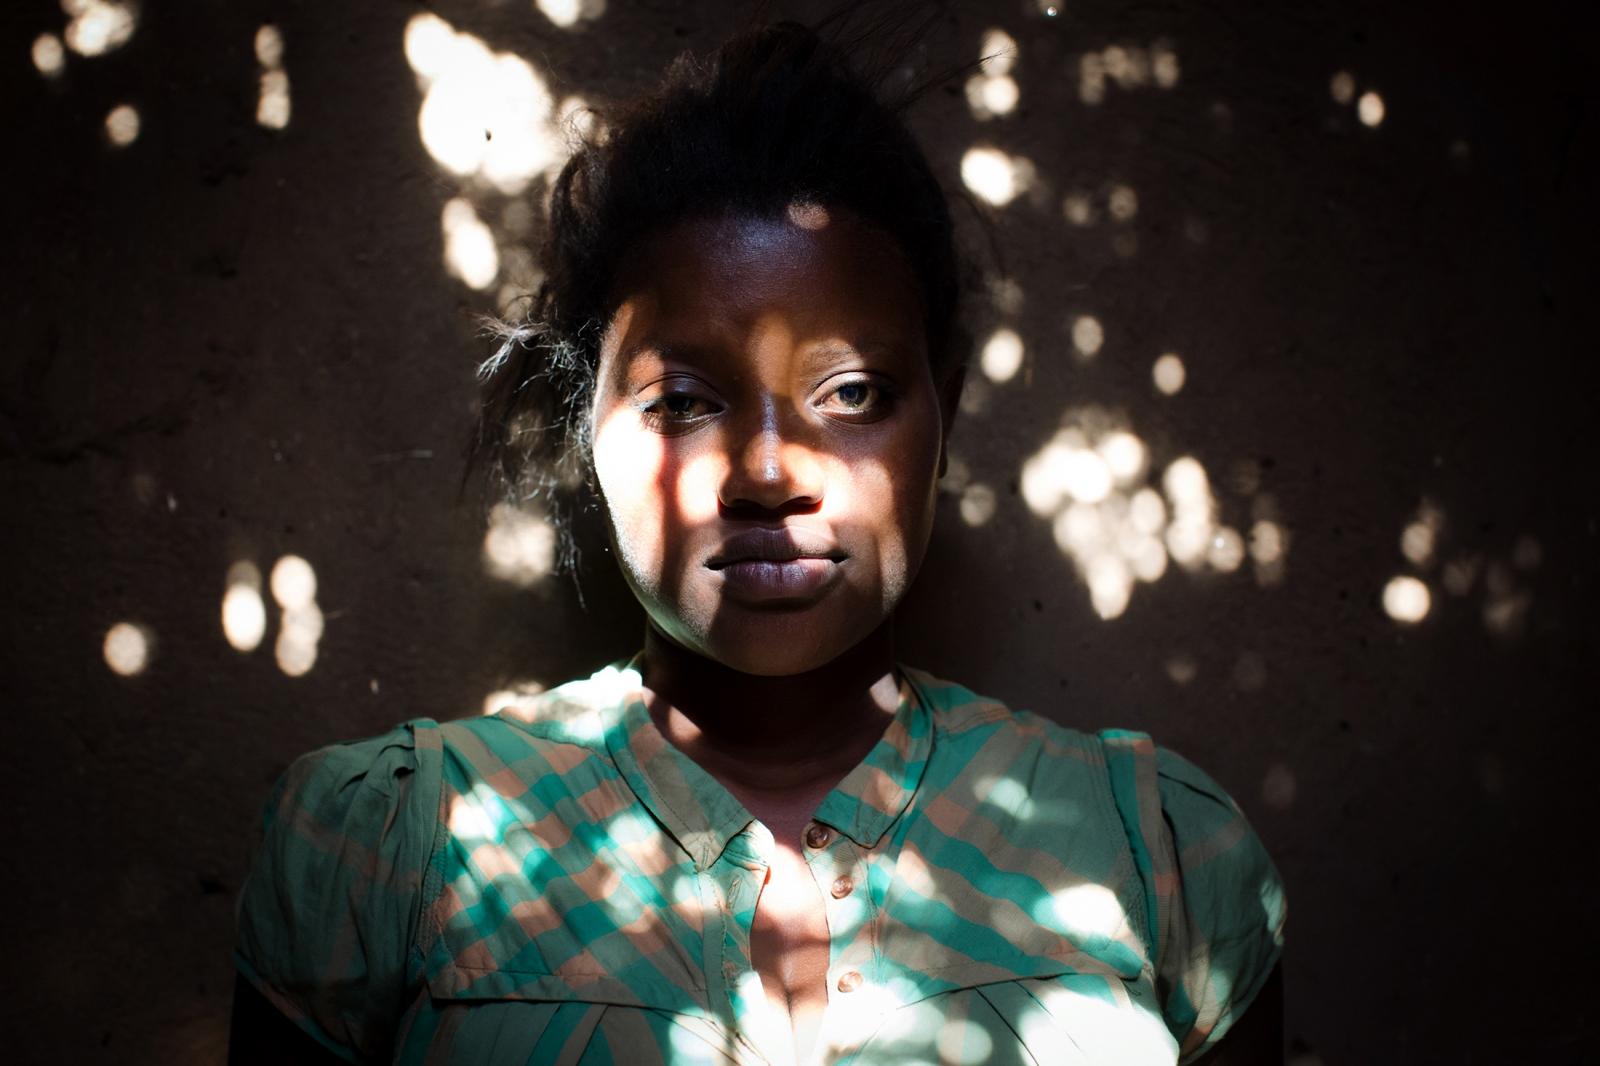 Ziria Namutamba, 42, Bäuerin und Grossmutter des unter der Fürsorge des Teams von 'Serving His Children' gestorbenen Twalali Kifabi sitzt am Abend hinter ihrem Haus in Kizuba, Namutumba District, Uganda. Die Familie ist an der Klage gegen Renee Bach beteiligt.